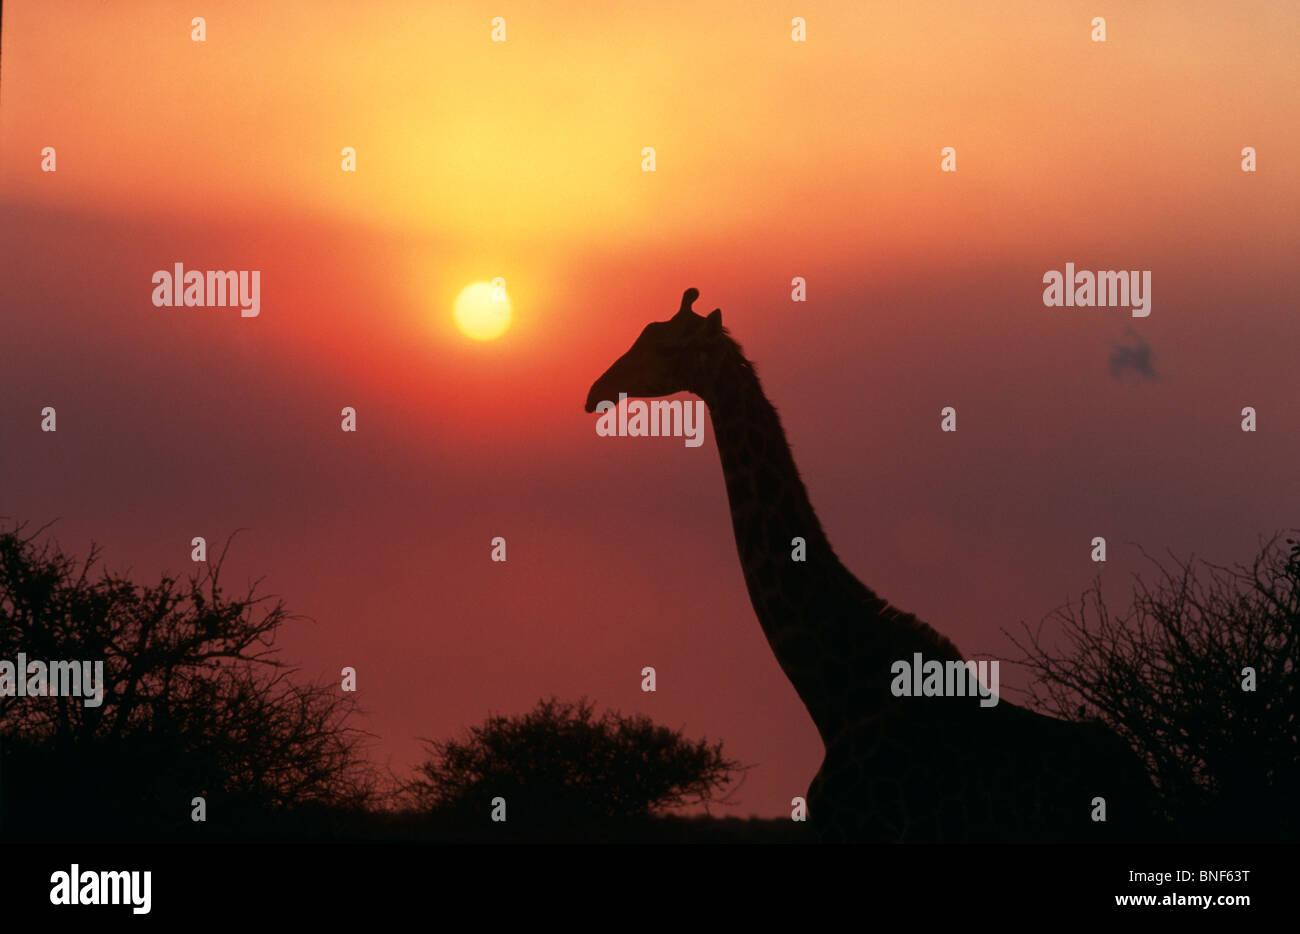 Silhouette di Giraffe (Giraffa Camelopardalis) contro il tramonto, KwaZulu-Natal, Sud Africa Immagini Stock